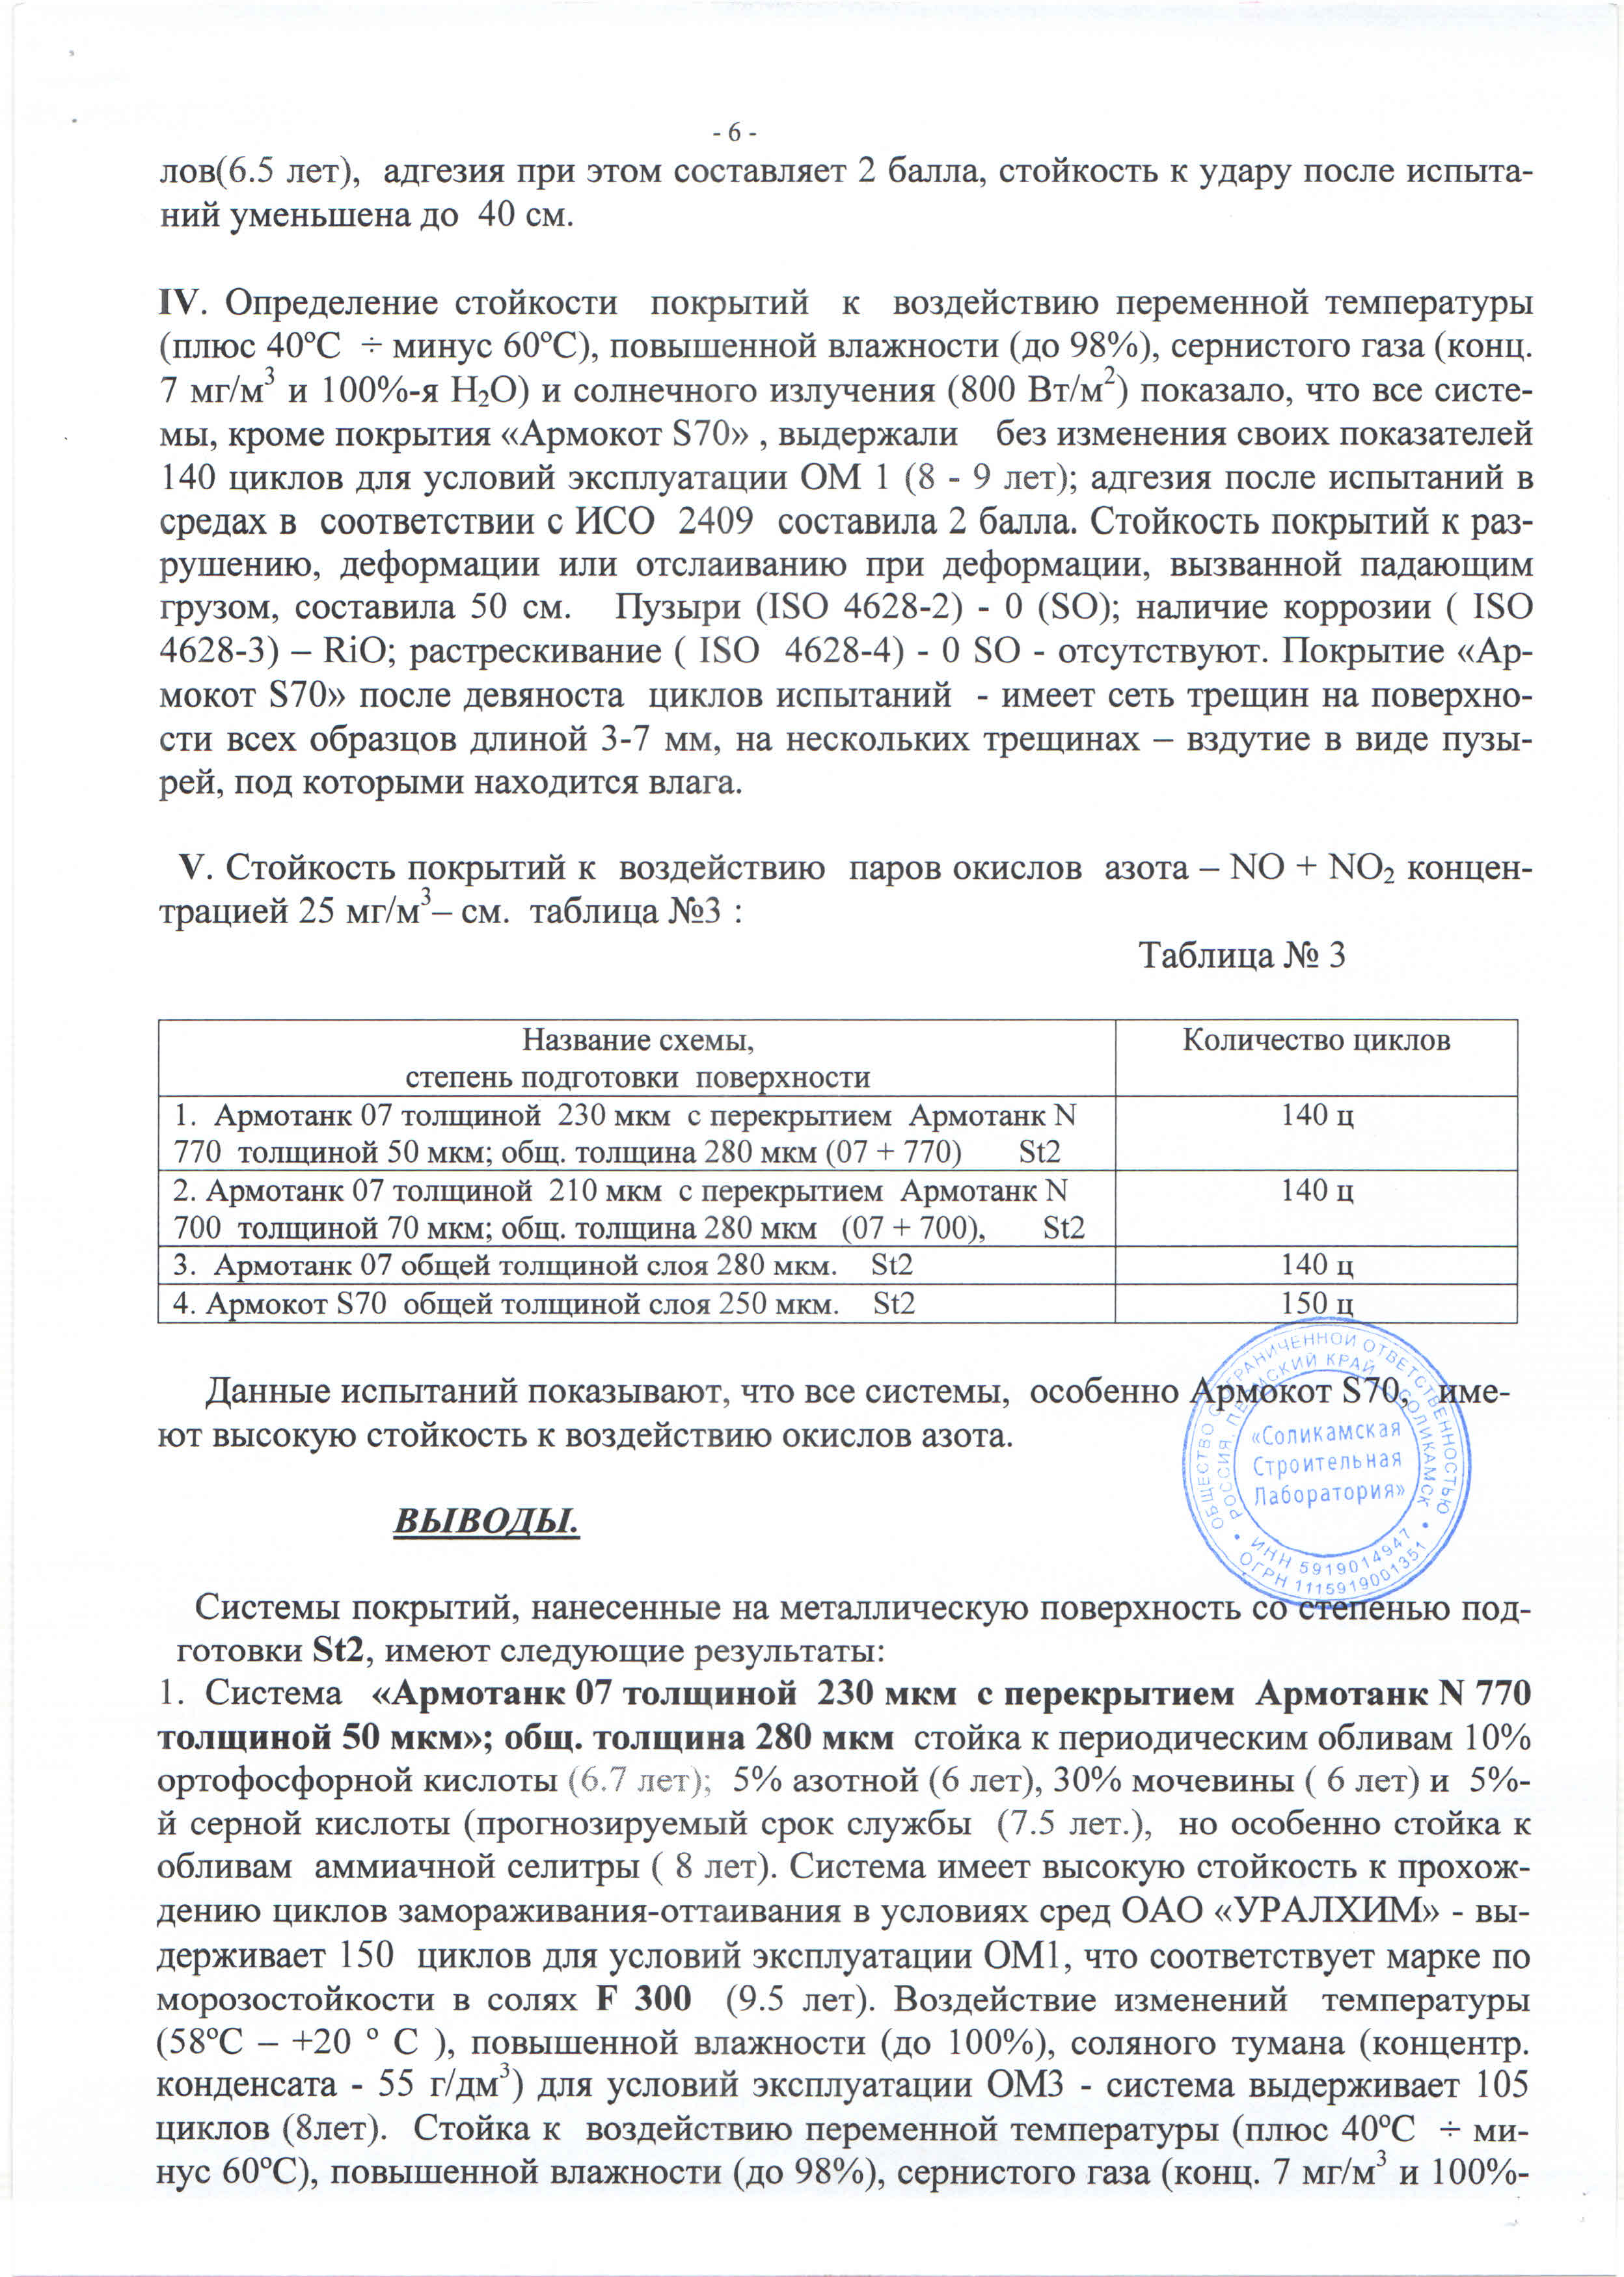 Заключение ООО «Соликамская строительная лаборатория» металл Уралхим 07N70007 N77007S70 (2)_Страница_6